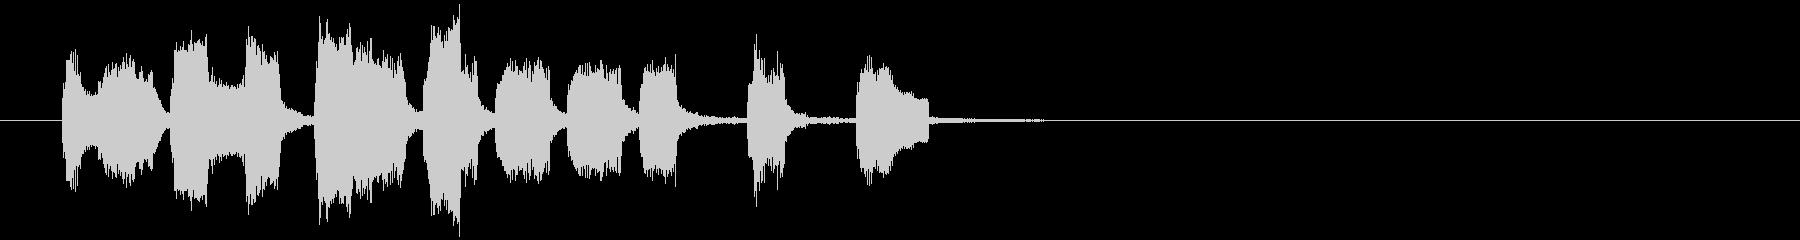 アイキャッチ・場面転換のジングルの未再生の波形